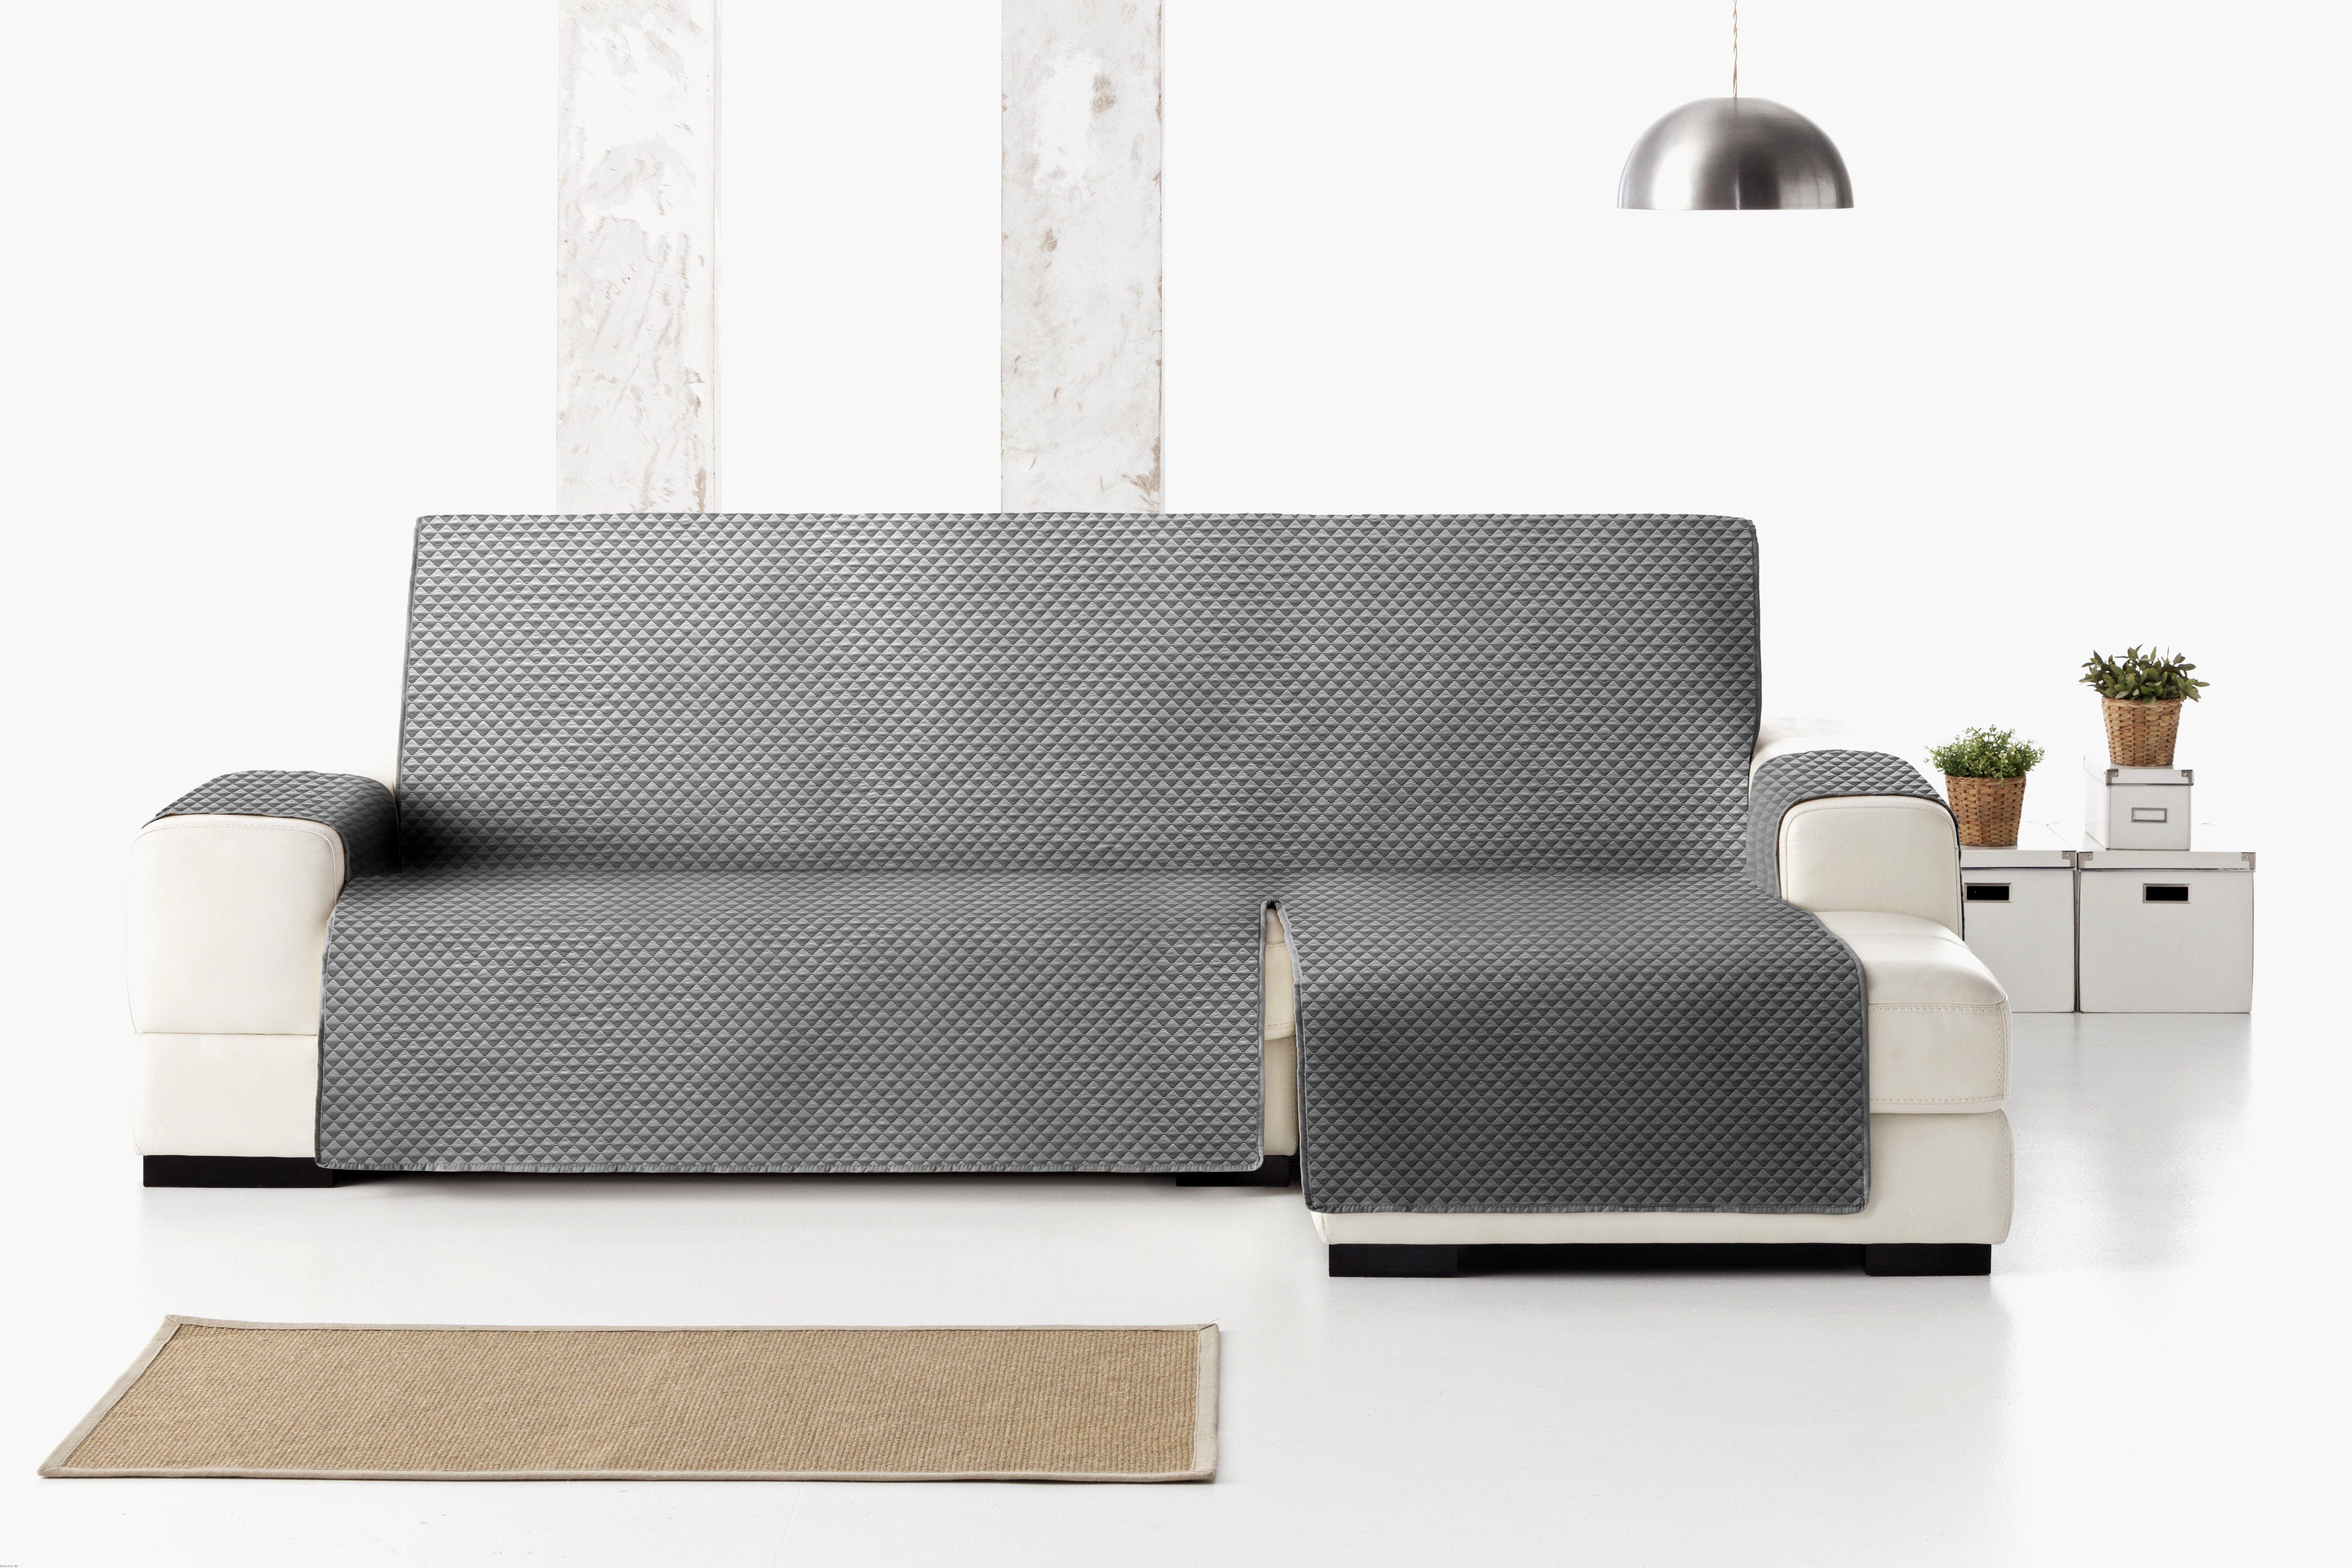 Cubre sofas Carrefour E9dx Fundas nordicas Carrefour Home Lujo Fotos Cubre sofas Hipercor